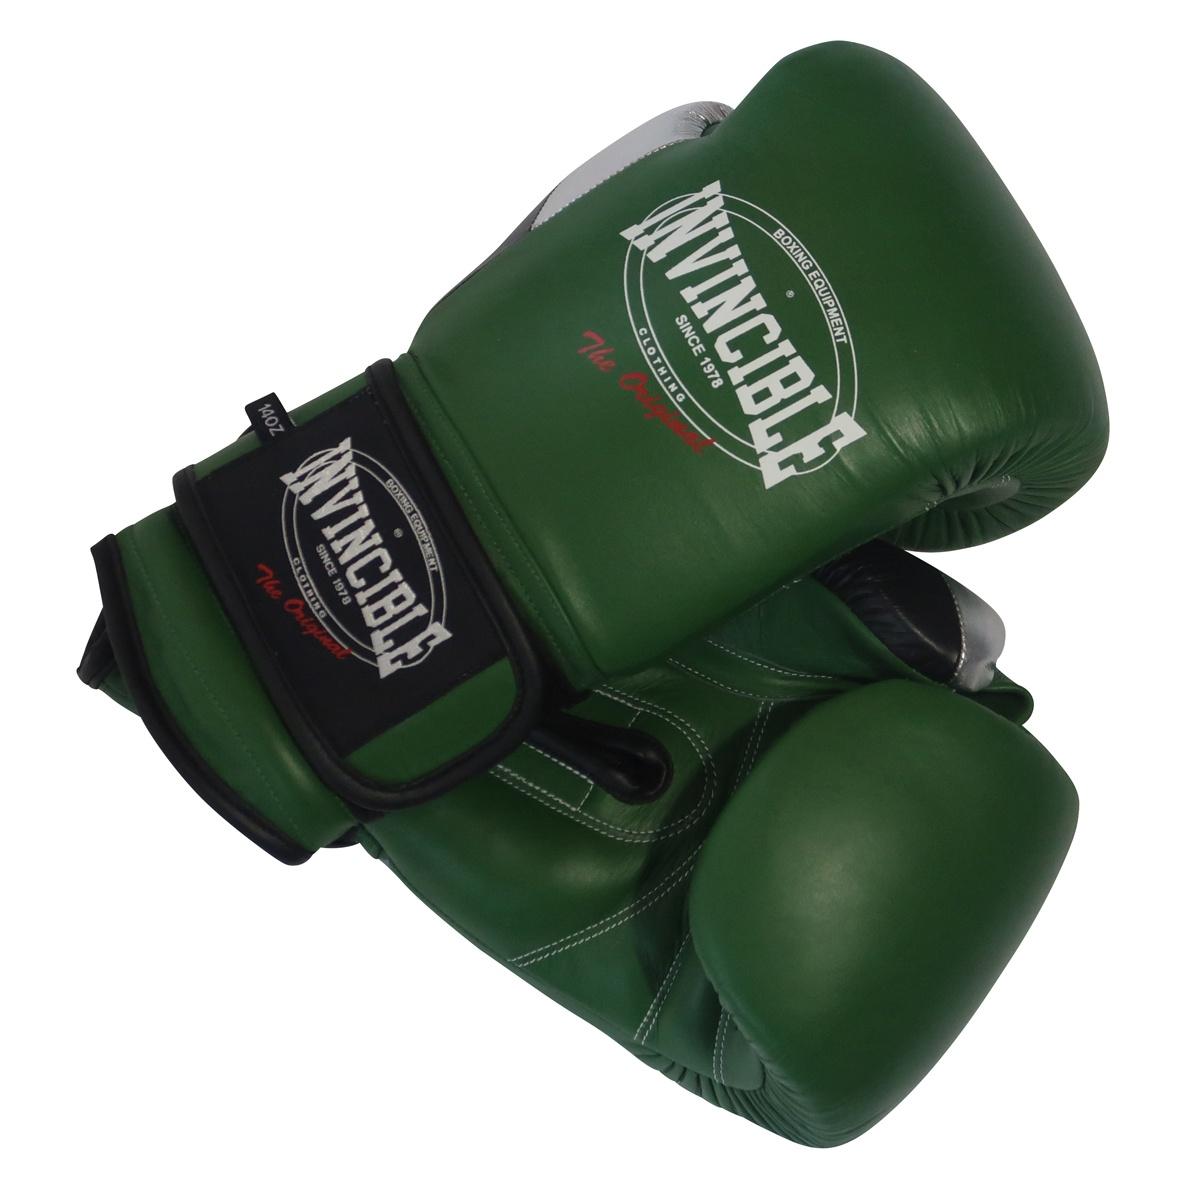 invincible-groen-bokshandschoenen